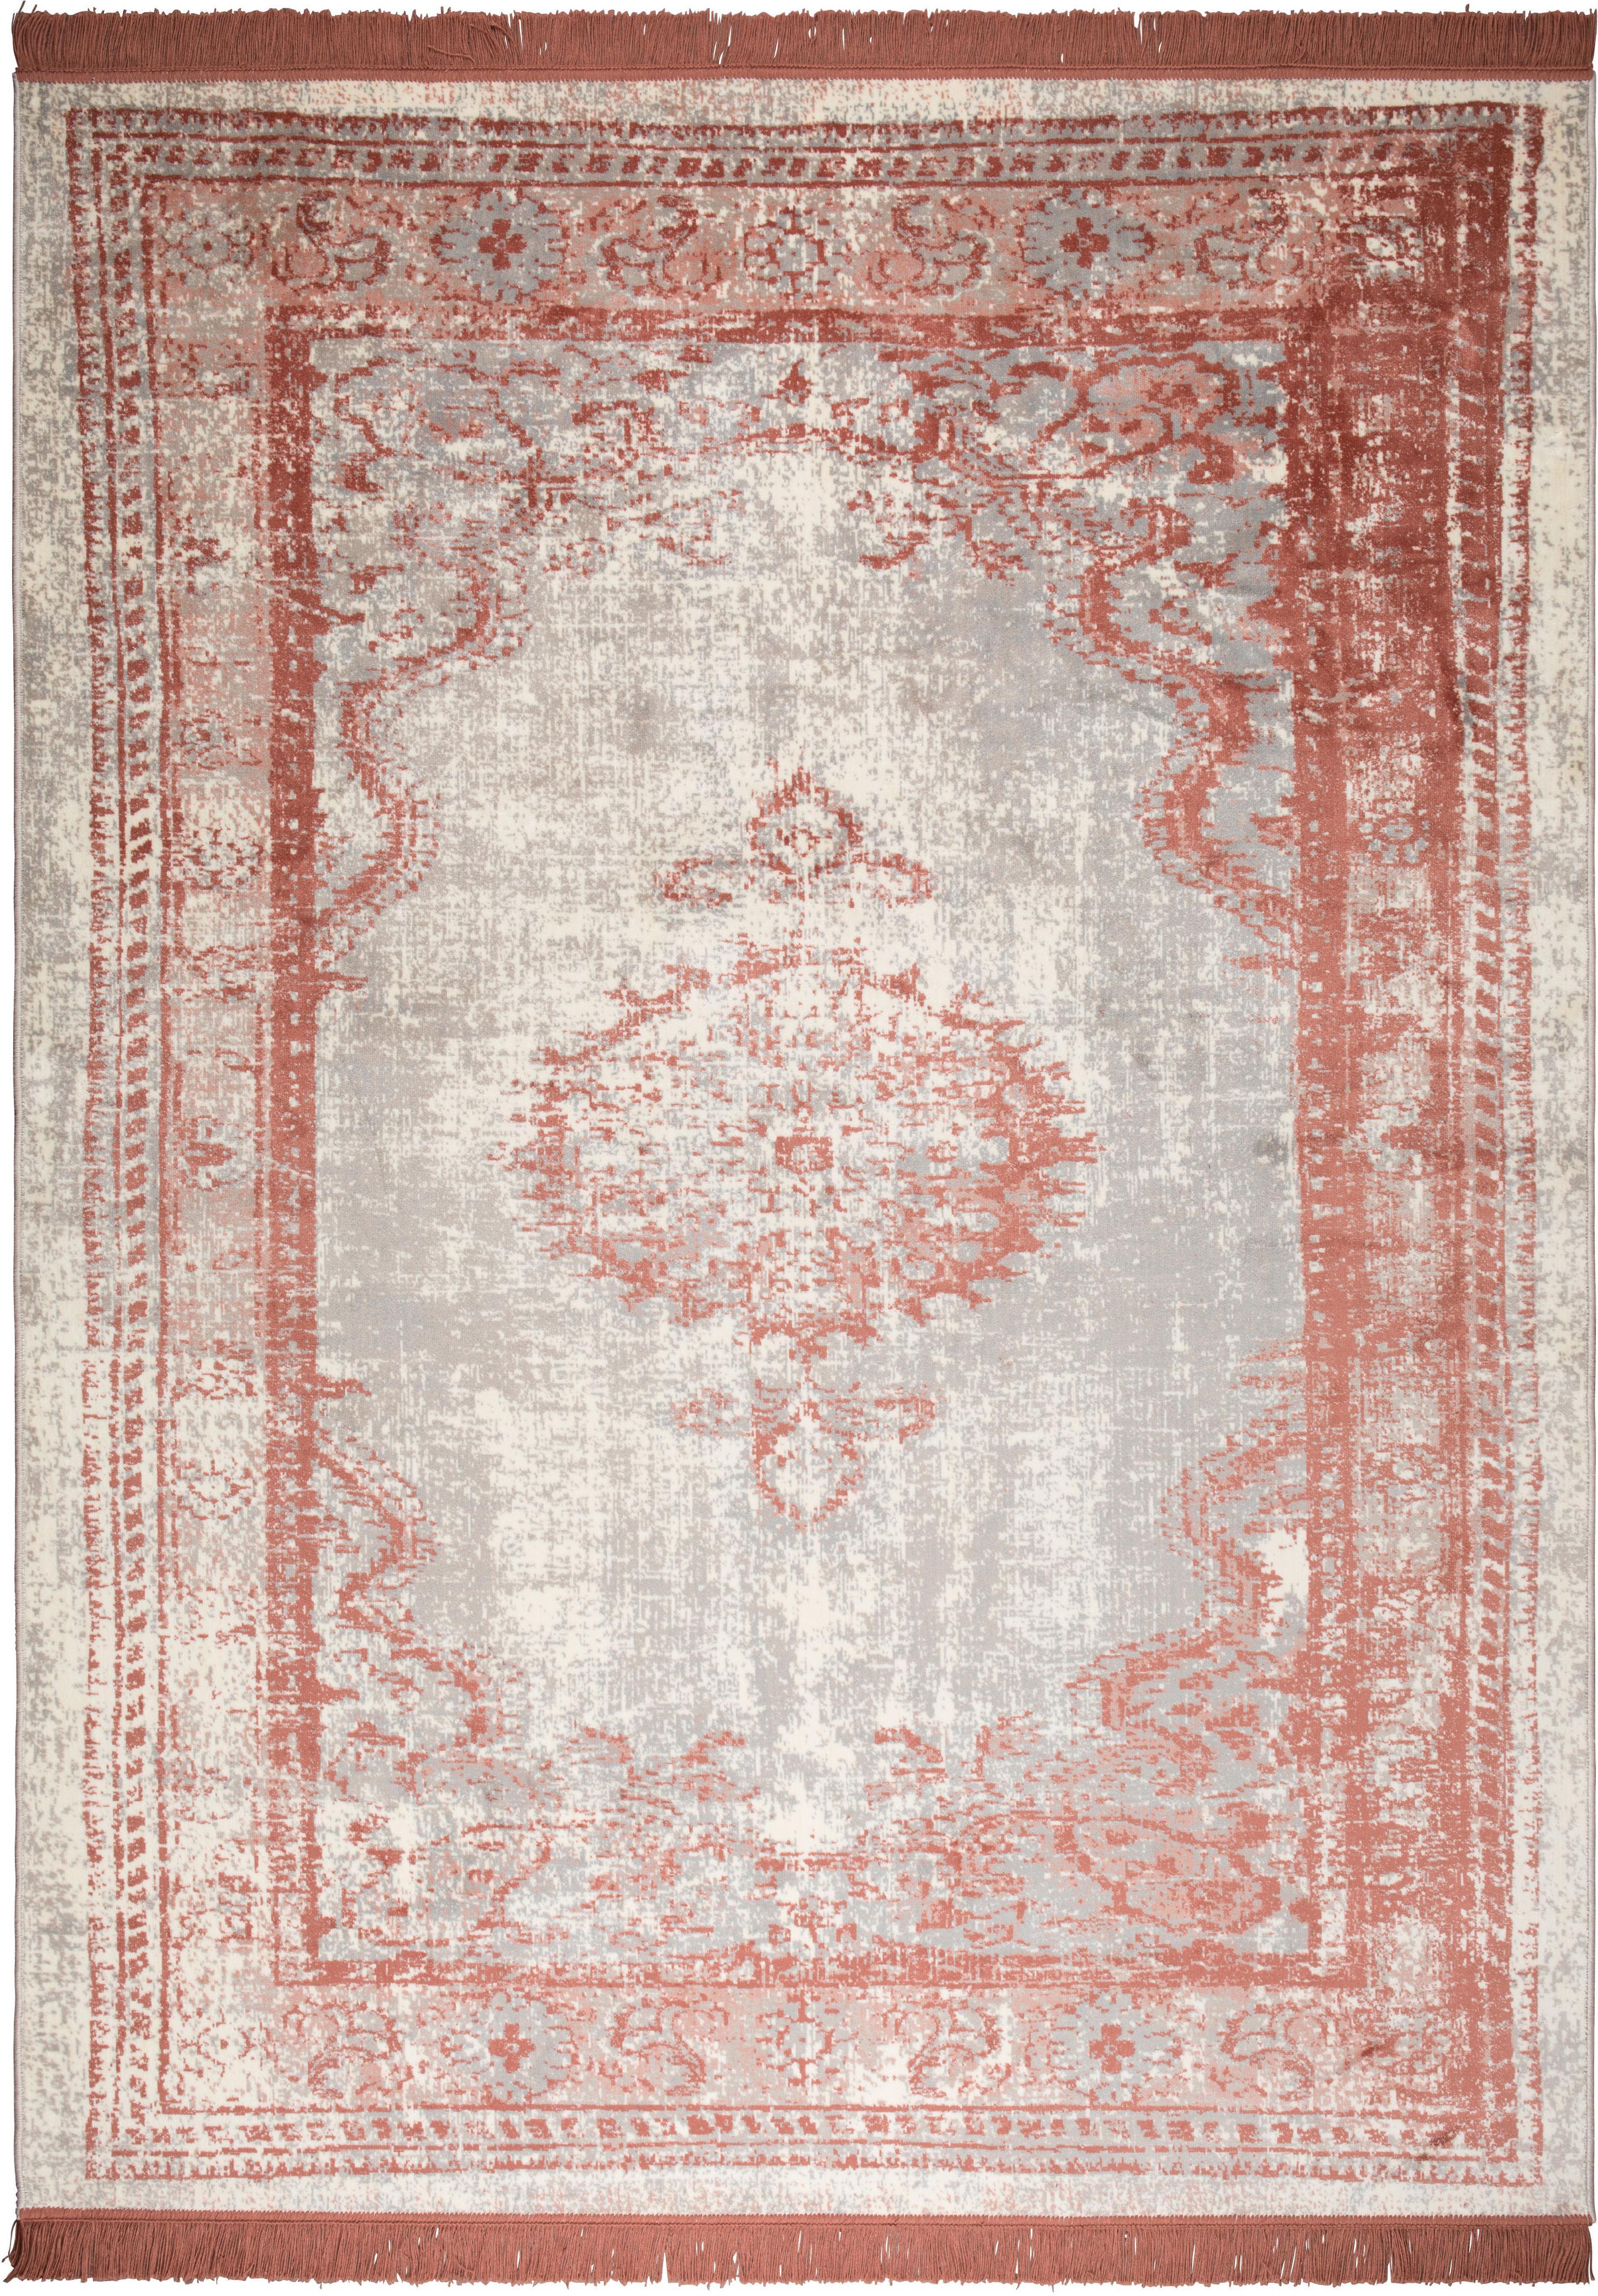 Vintage Teppich Marvel mit Fransen, Flor: 66% Kunstseide, 25% Baumw, Lachsrot und Beigetöne, B 200 x L 300 cm (Größe L)